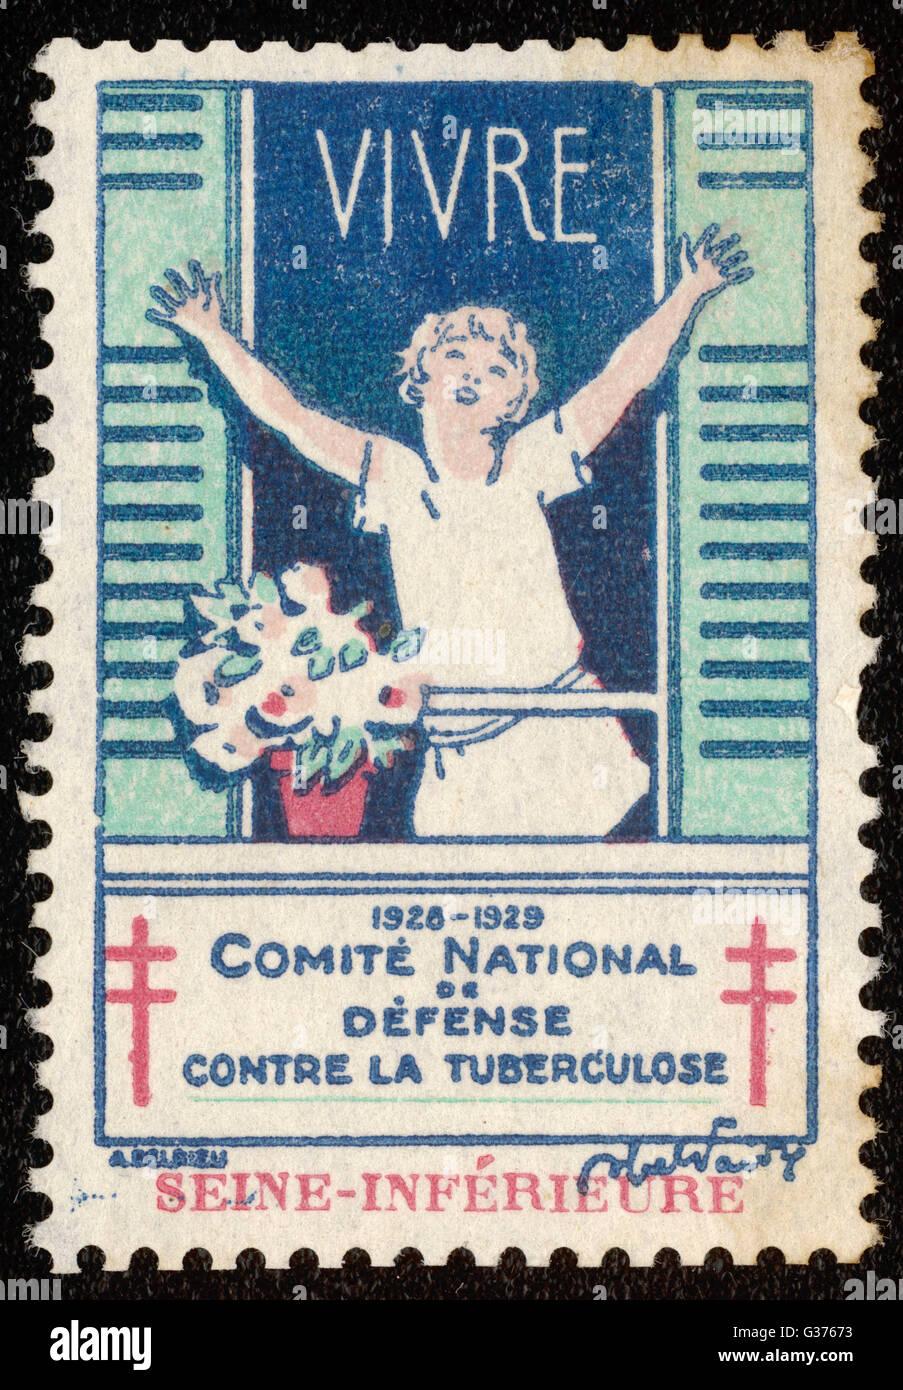 9f0c3f236f Timbre-poste français la promotion de l'air frais et du soleil pour lutter  contre la tuberculose. Date : 1928-1929